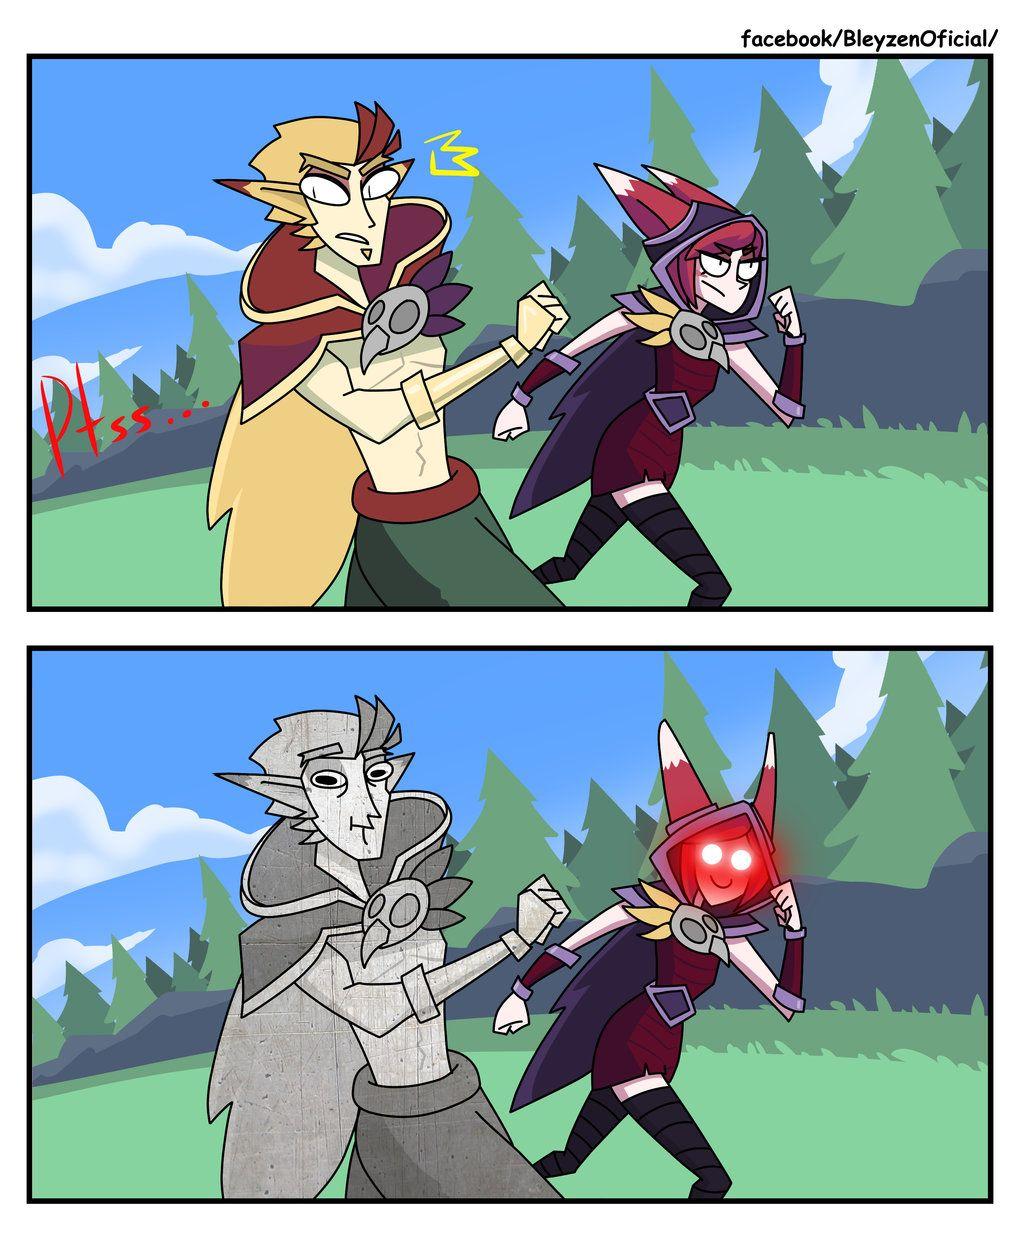 Gg Rakan By Bleyzen League Of Legends Jhin Lol League Of Legends League Of Legends Memes